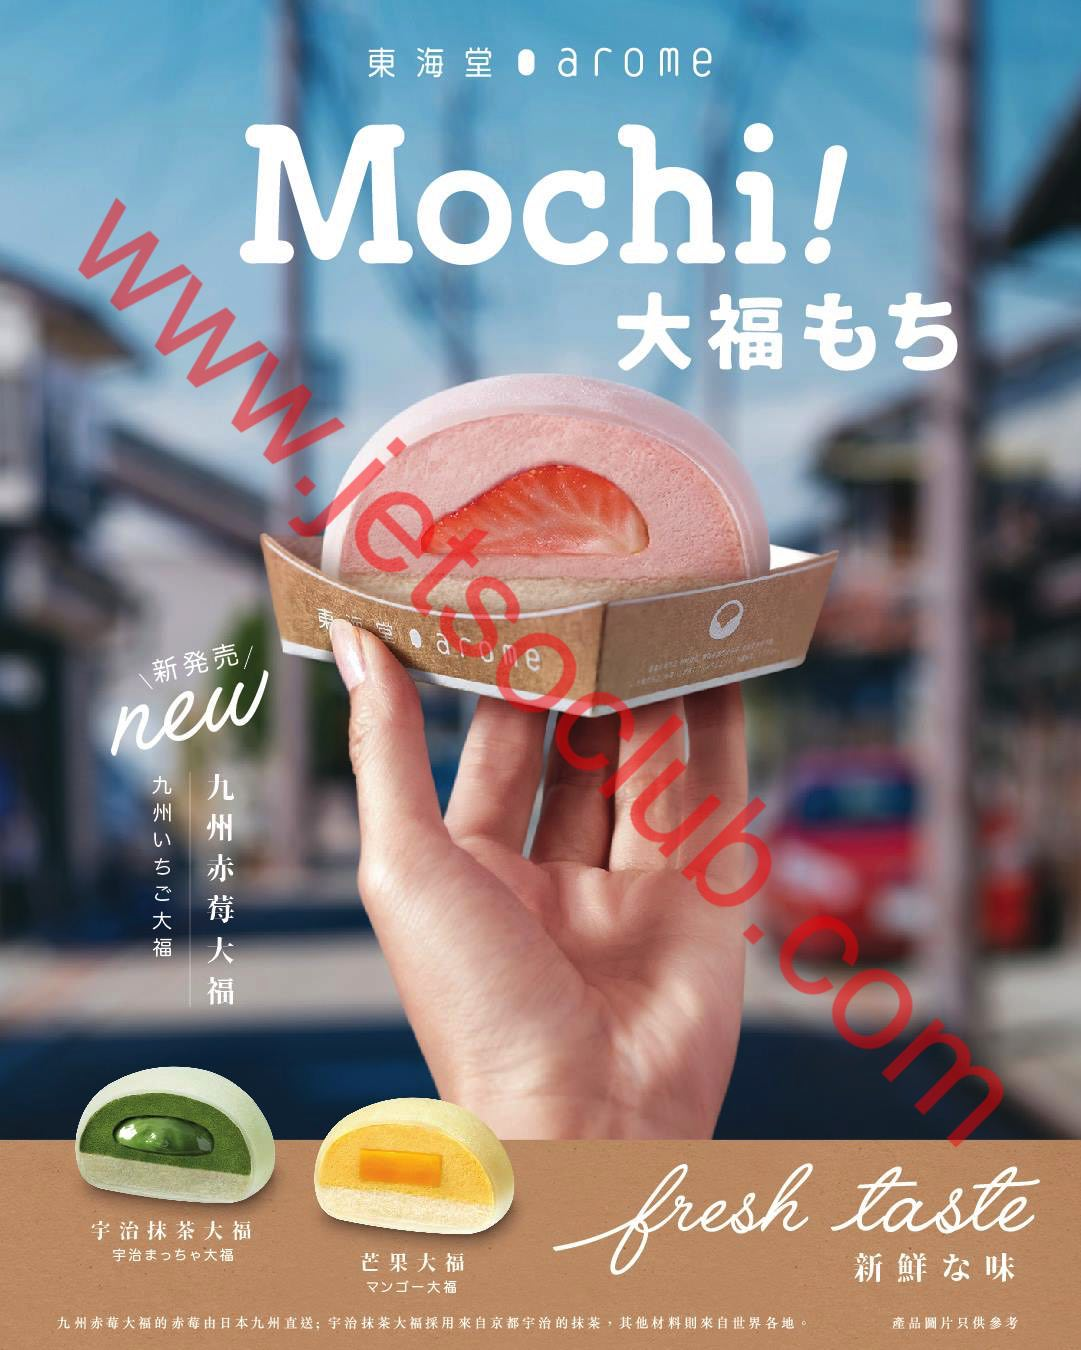 東海堂:「Arome Mochi!」大福甜品系列 ( Jetso Club 著數俱樂部 )